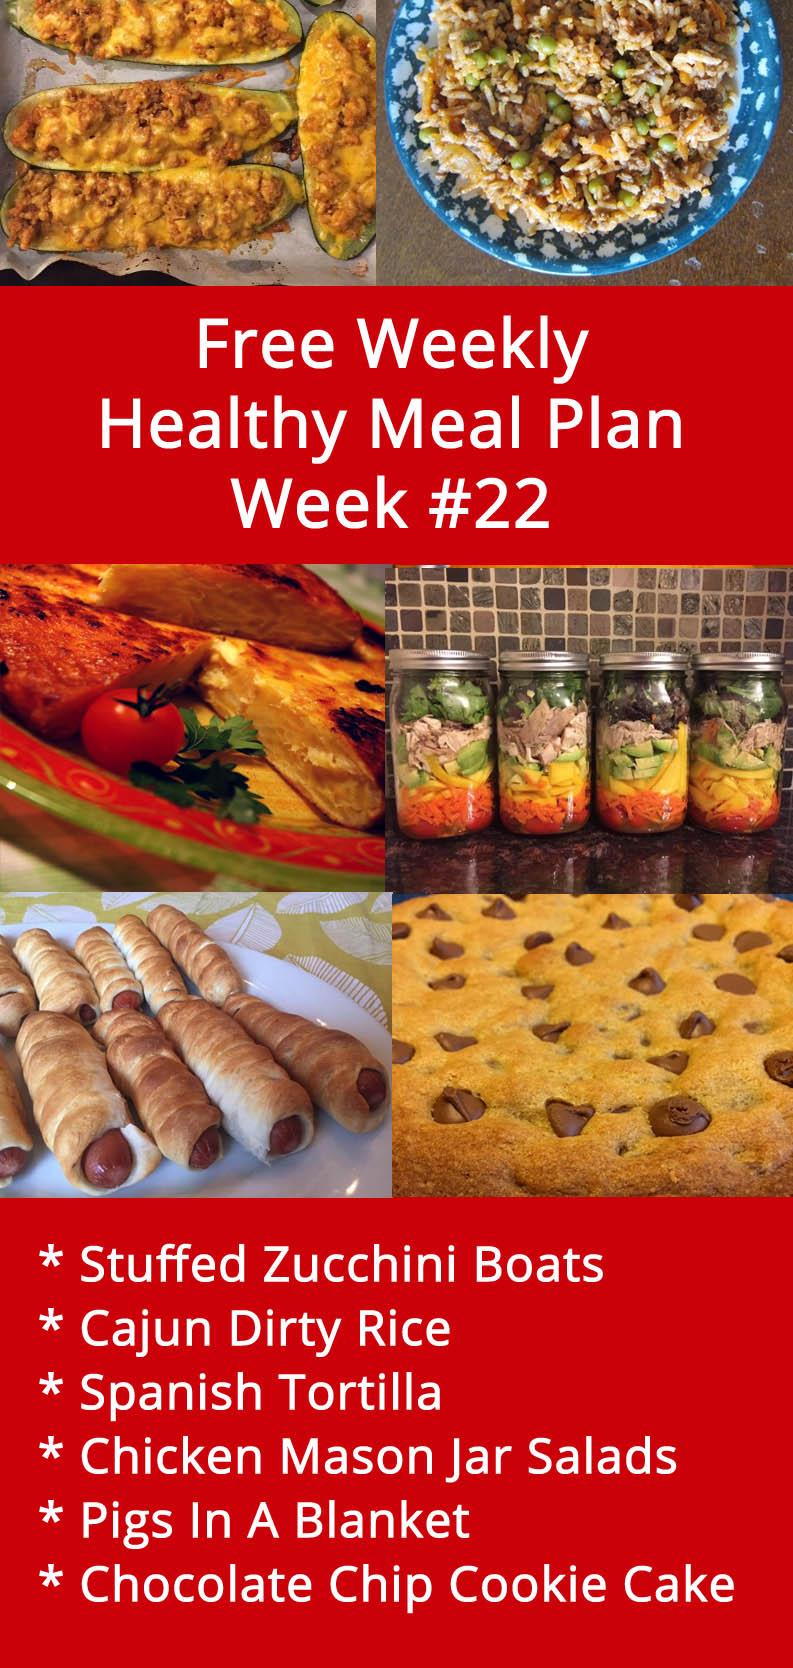 Free Weekly Healthy Family Meal Plan - Week 22 Menu